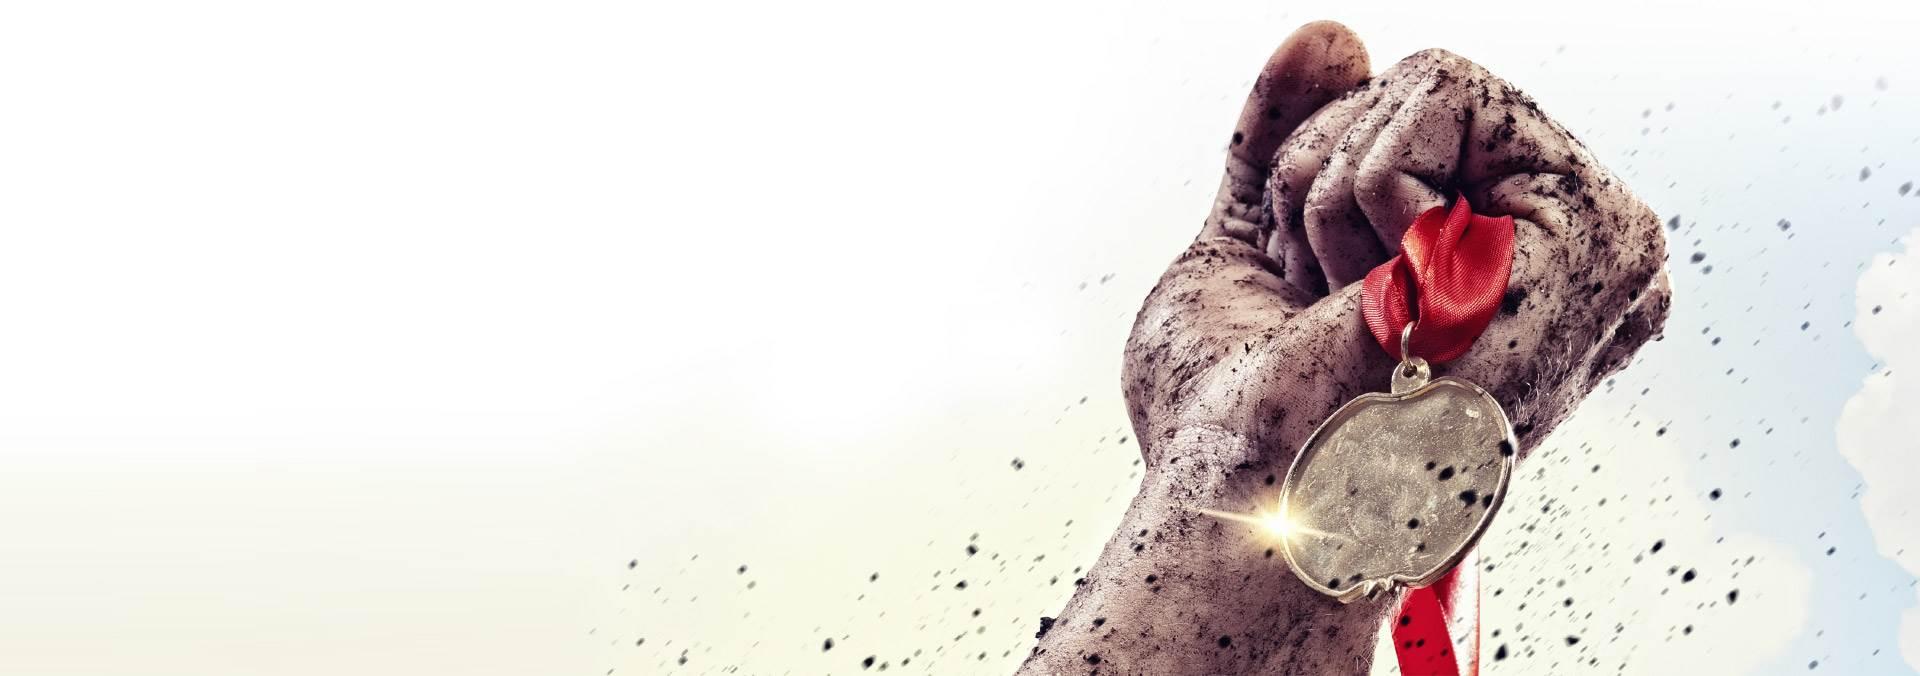 Kämpfe um Deine Bestleistung und erziele neue Erfolge